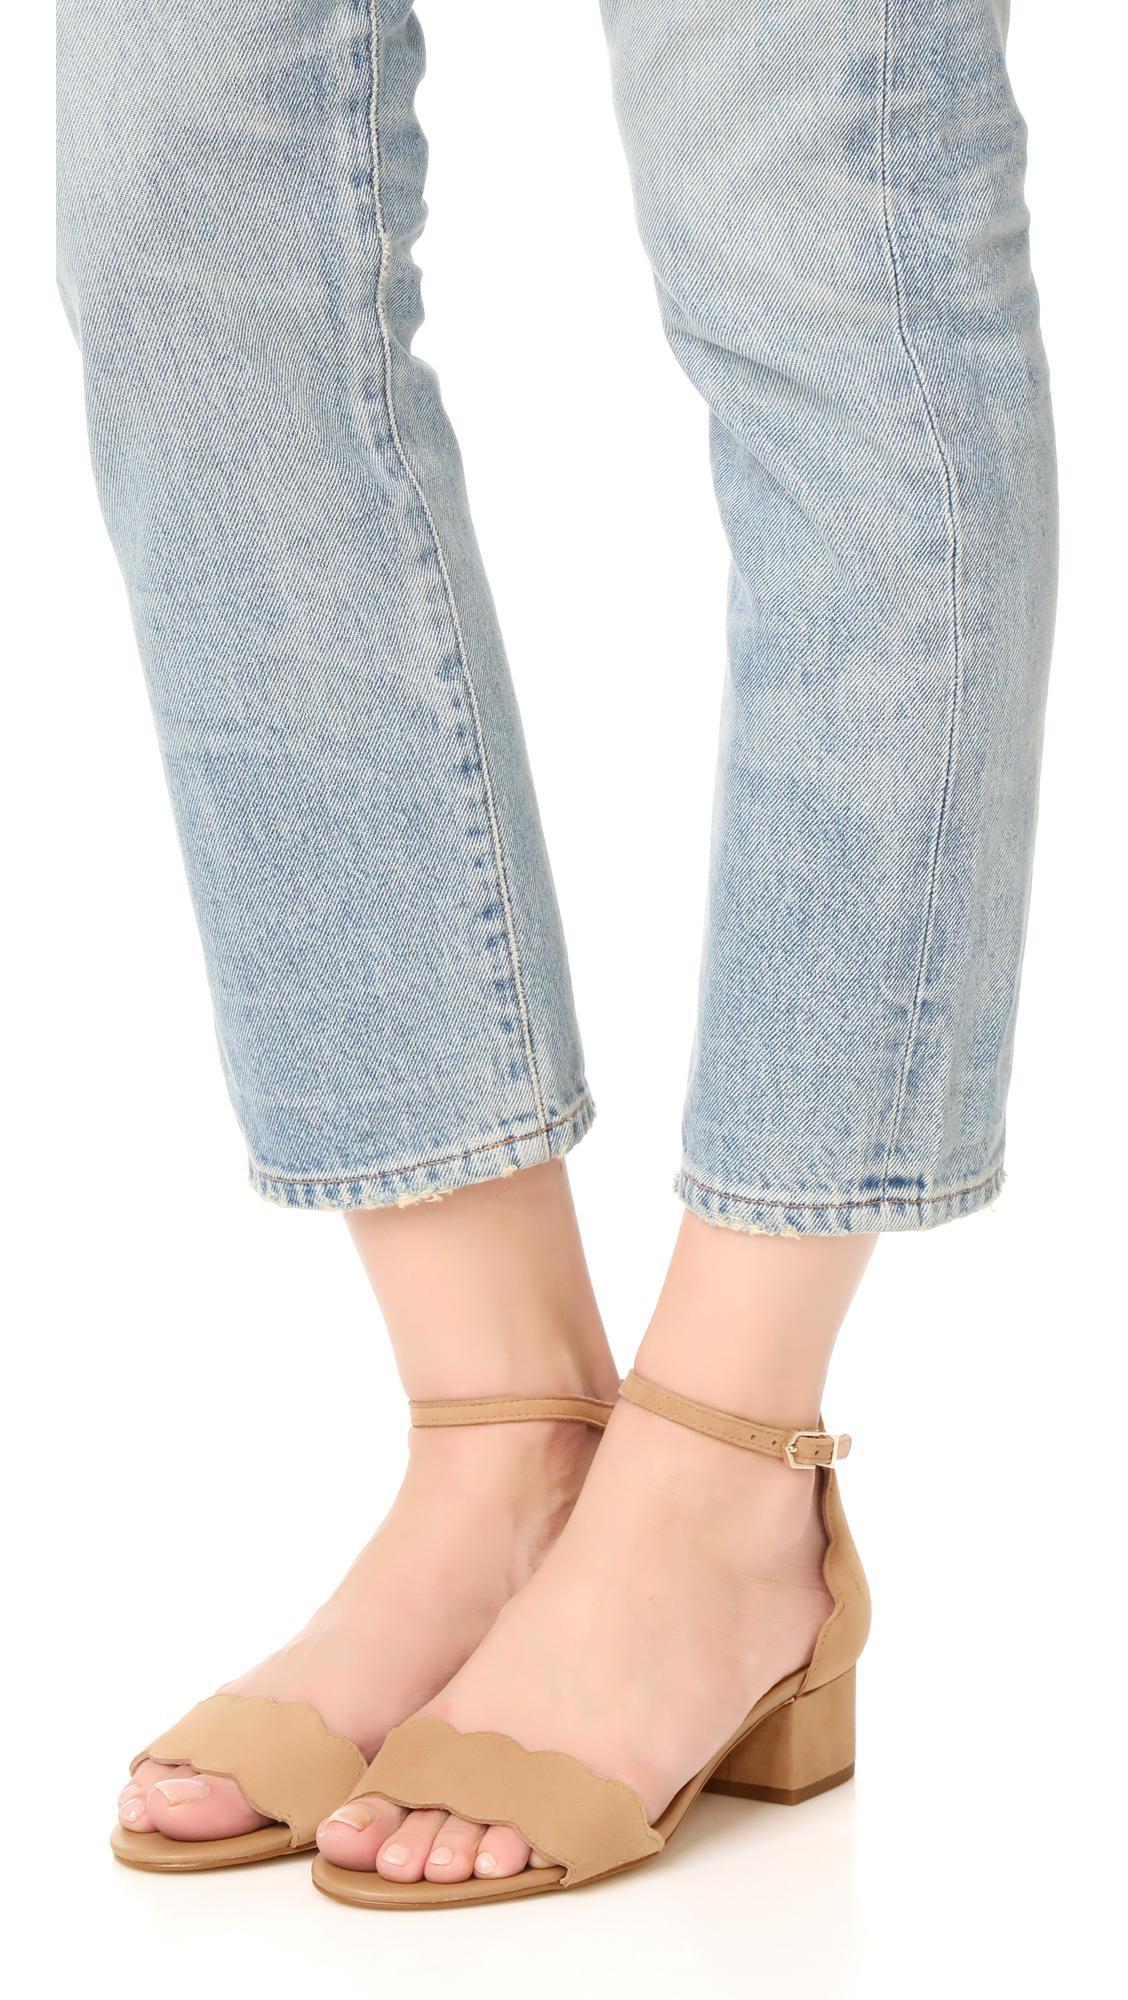 c8d84e6ae Lyst - Sam Edelman Inara City Sandals